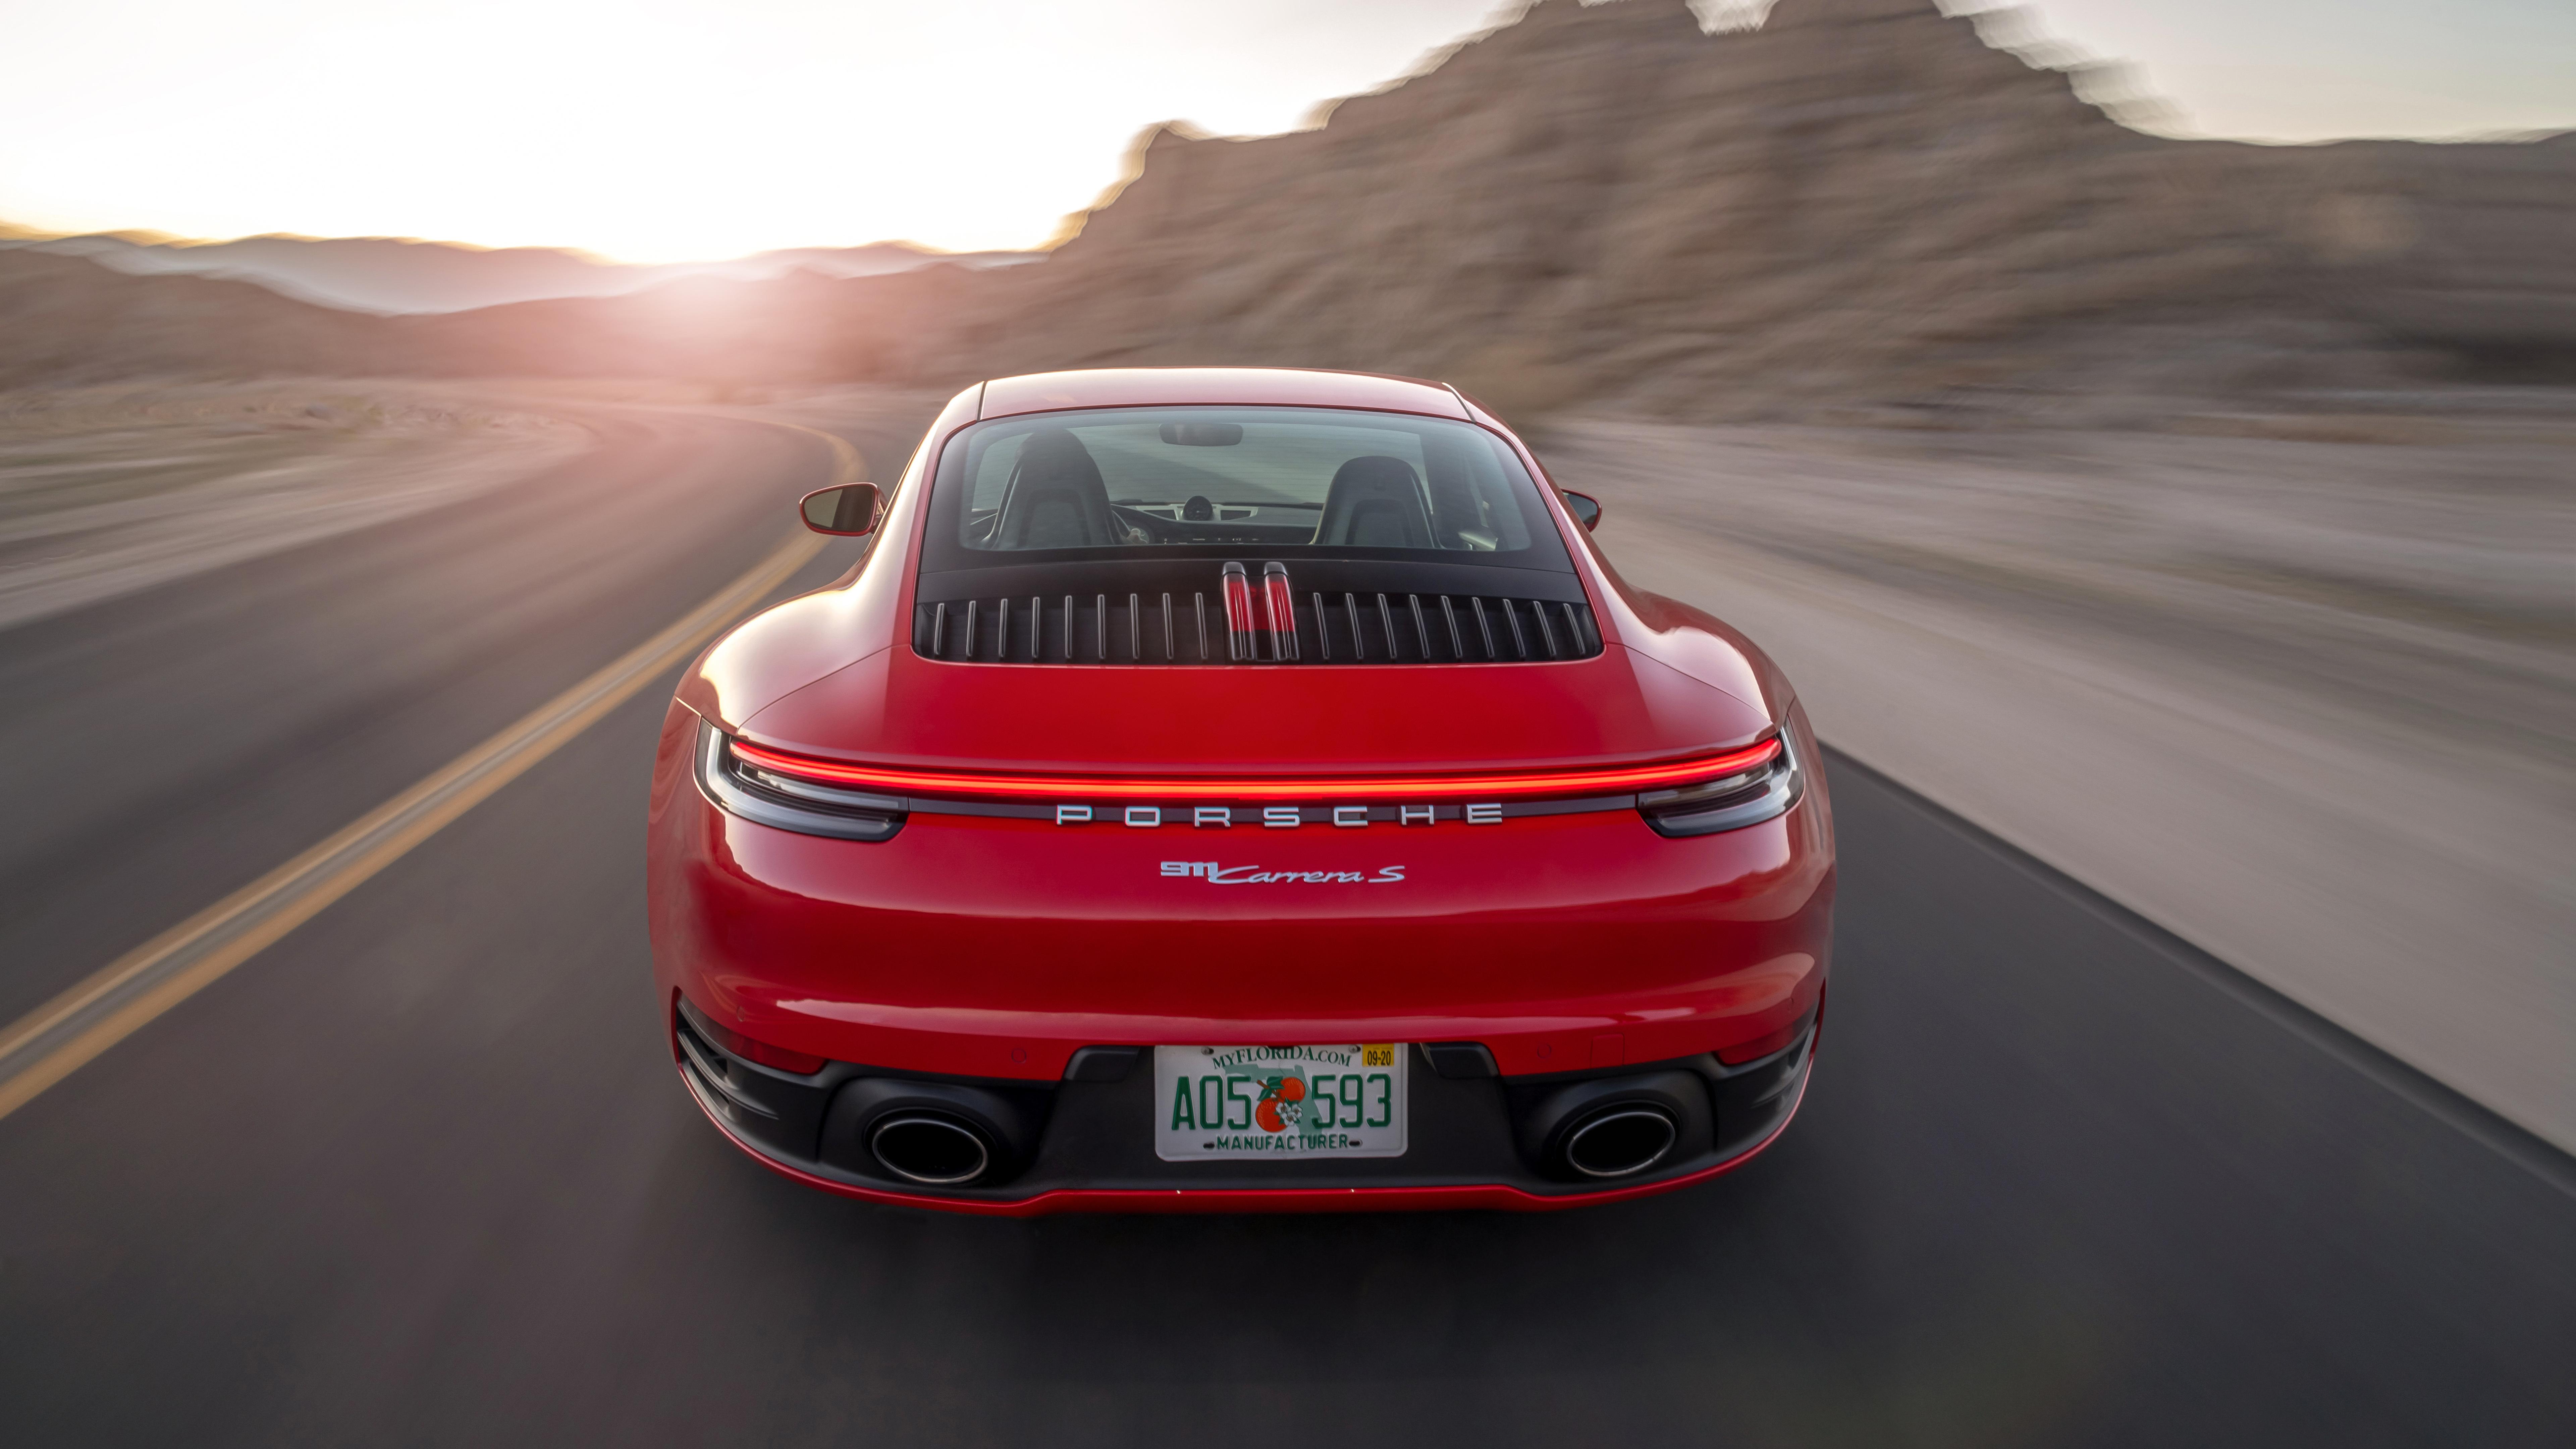 2020 Porsche 911 Carrera S 1366x768 Download Hd Wallpaper Wallpapertip